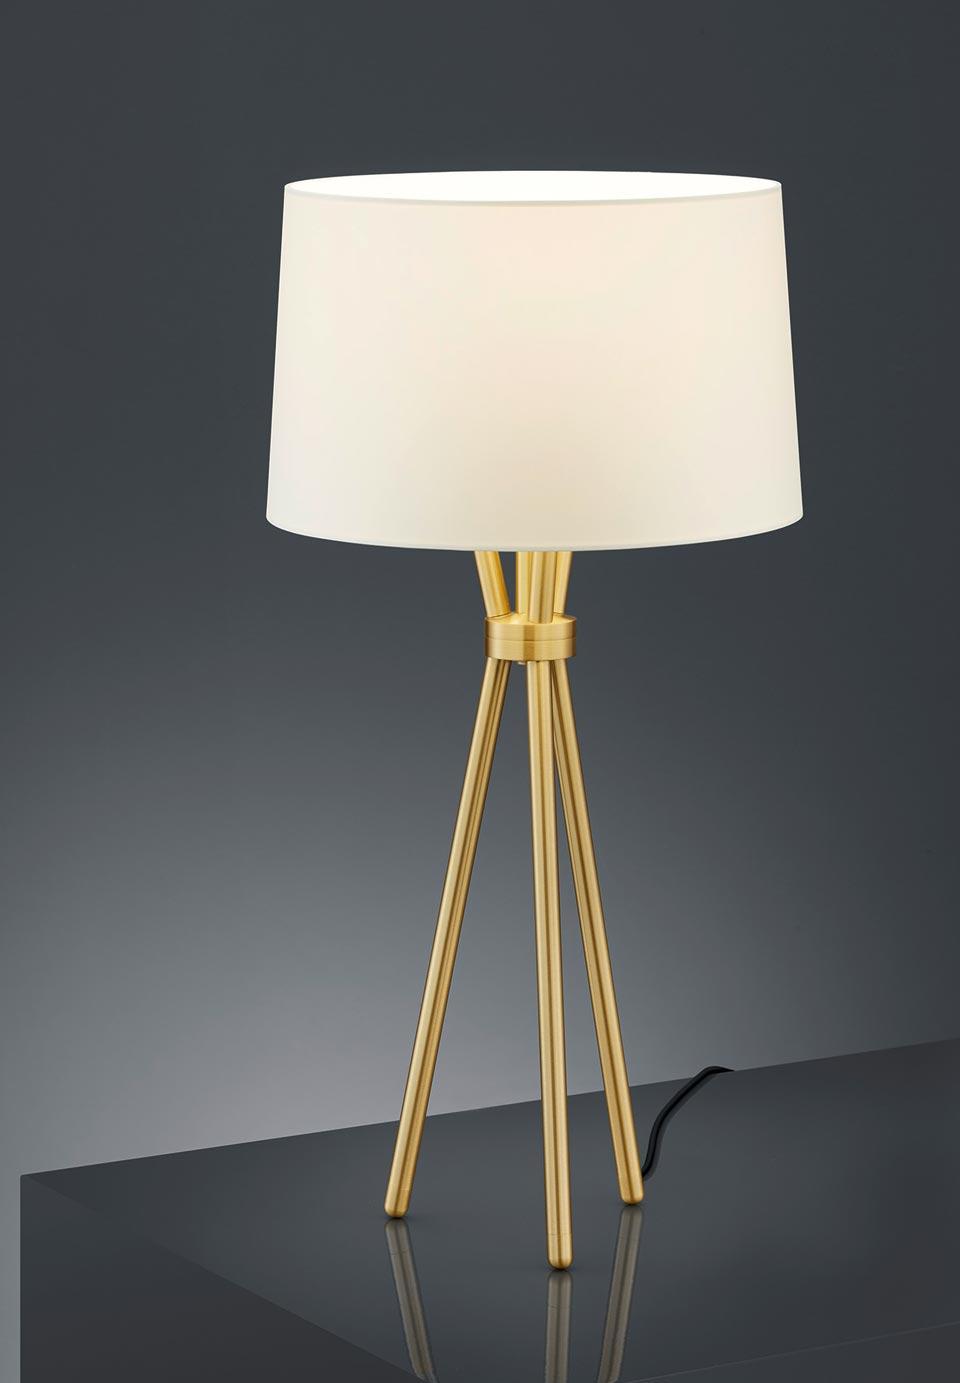 Lampe de table trépied en laiton mat. Baulmann Leuchten.